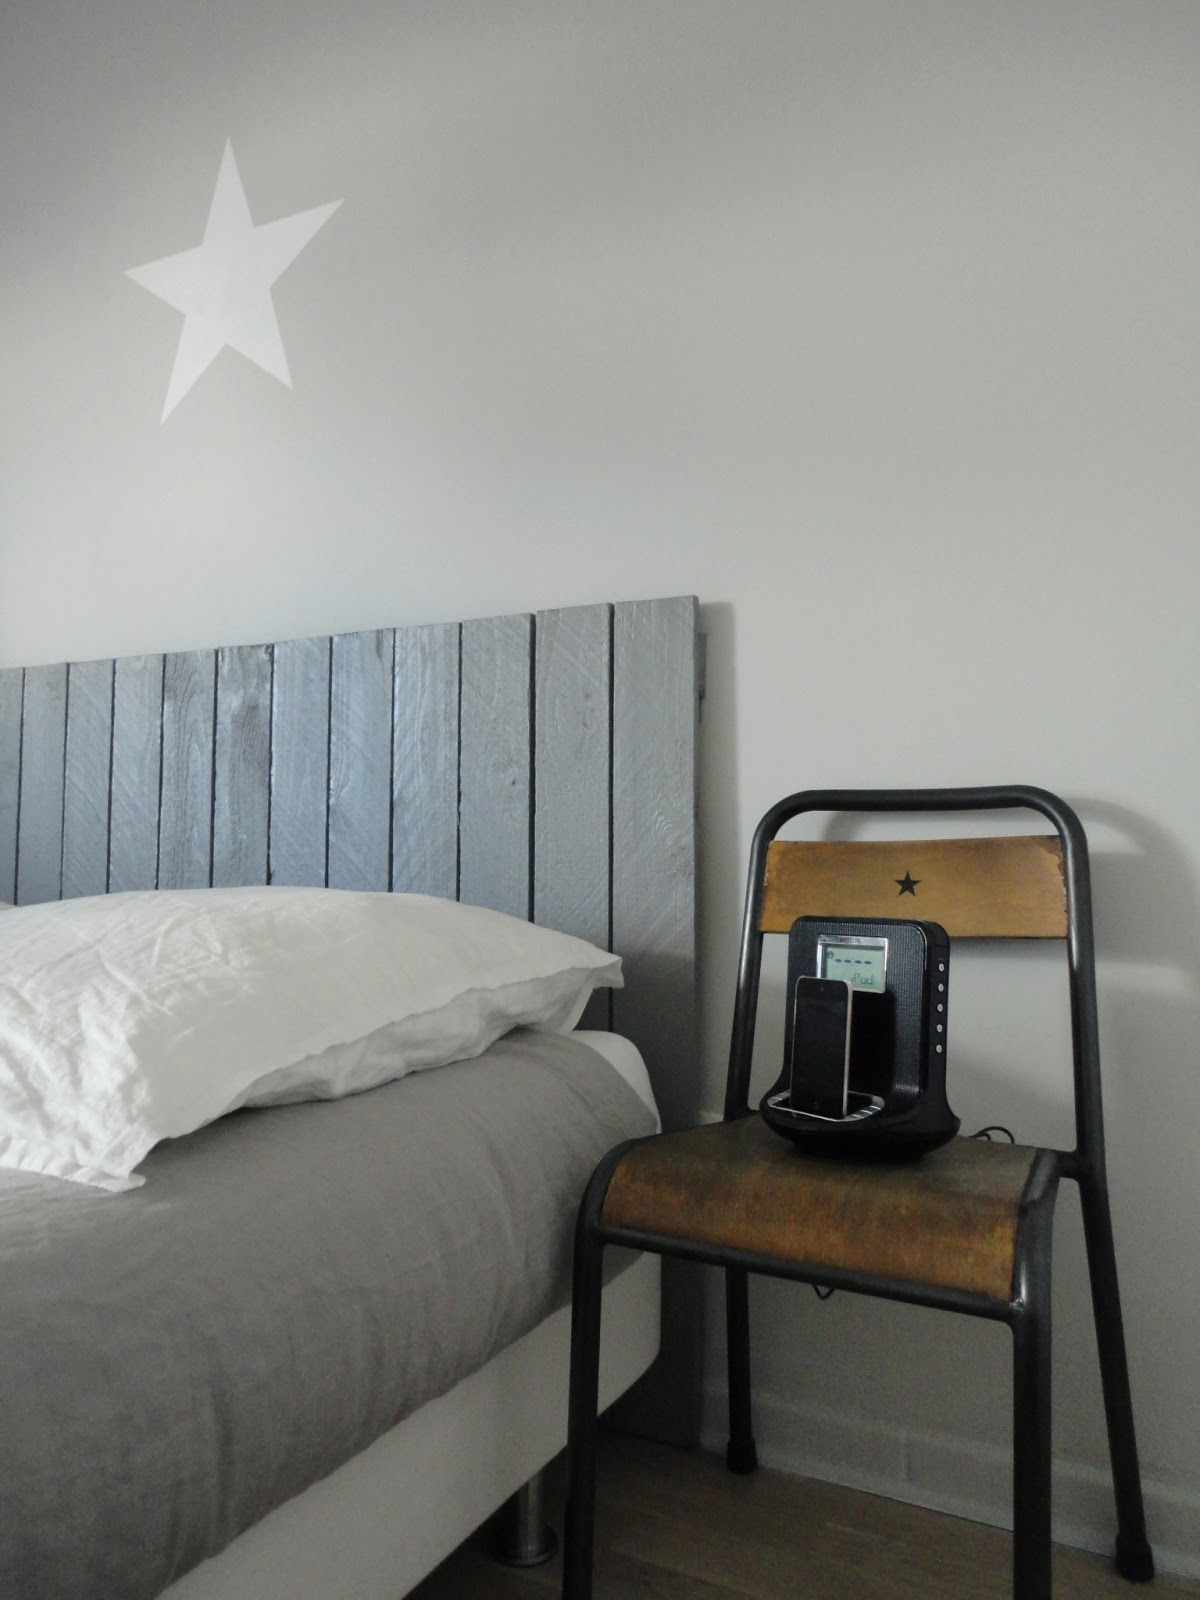 t te de lit en planche for the home pinterest lit t te de lit planche and chambre. Black Bedroom Furniture Sets. Home Design Ideas